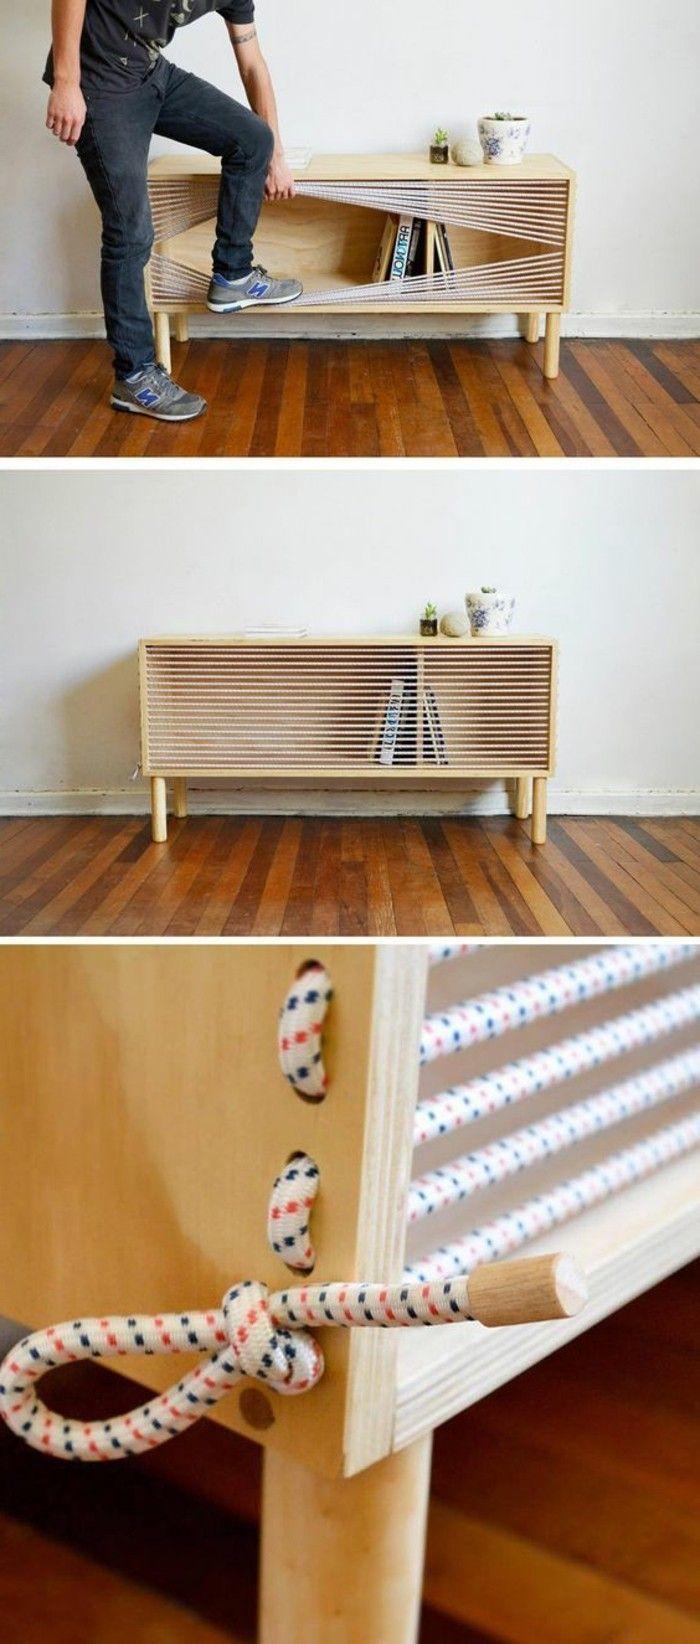 DIY Möbel: Ideen und Vorschläge, die Sie inspirieren können – Leon Petzold